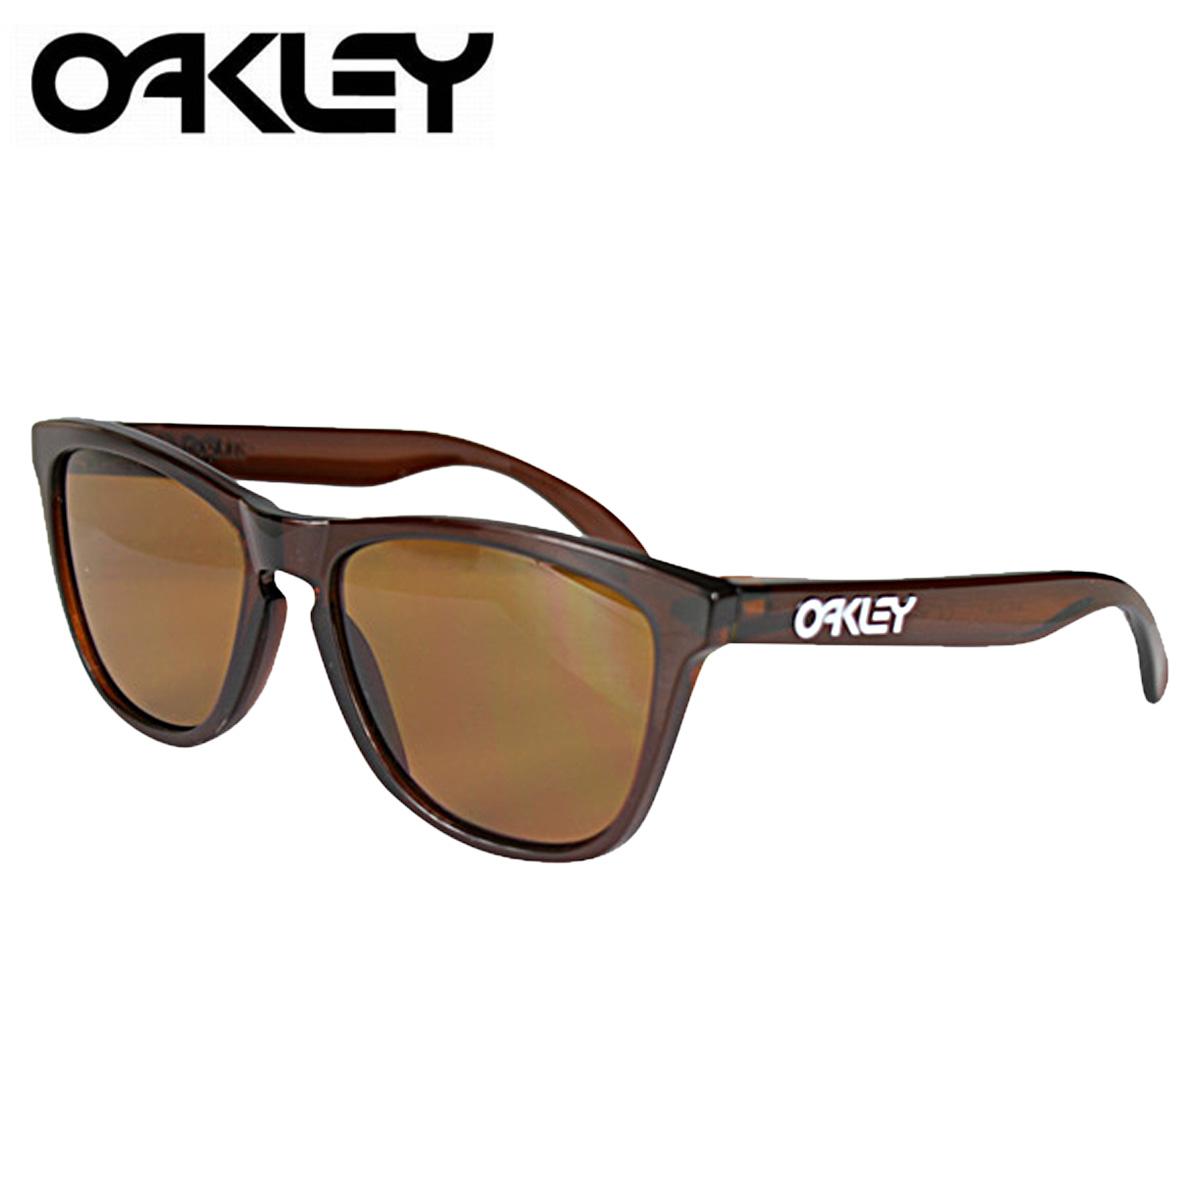 Sugar Online Shop | Rakuten Global Market: 24-303 Sunglasses Oakley Oakley  FROGSKINS frog skin men women